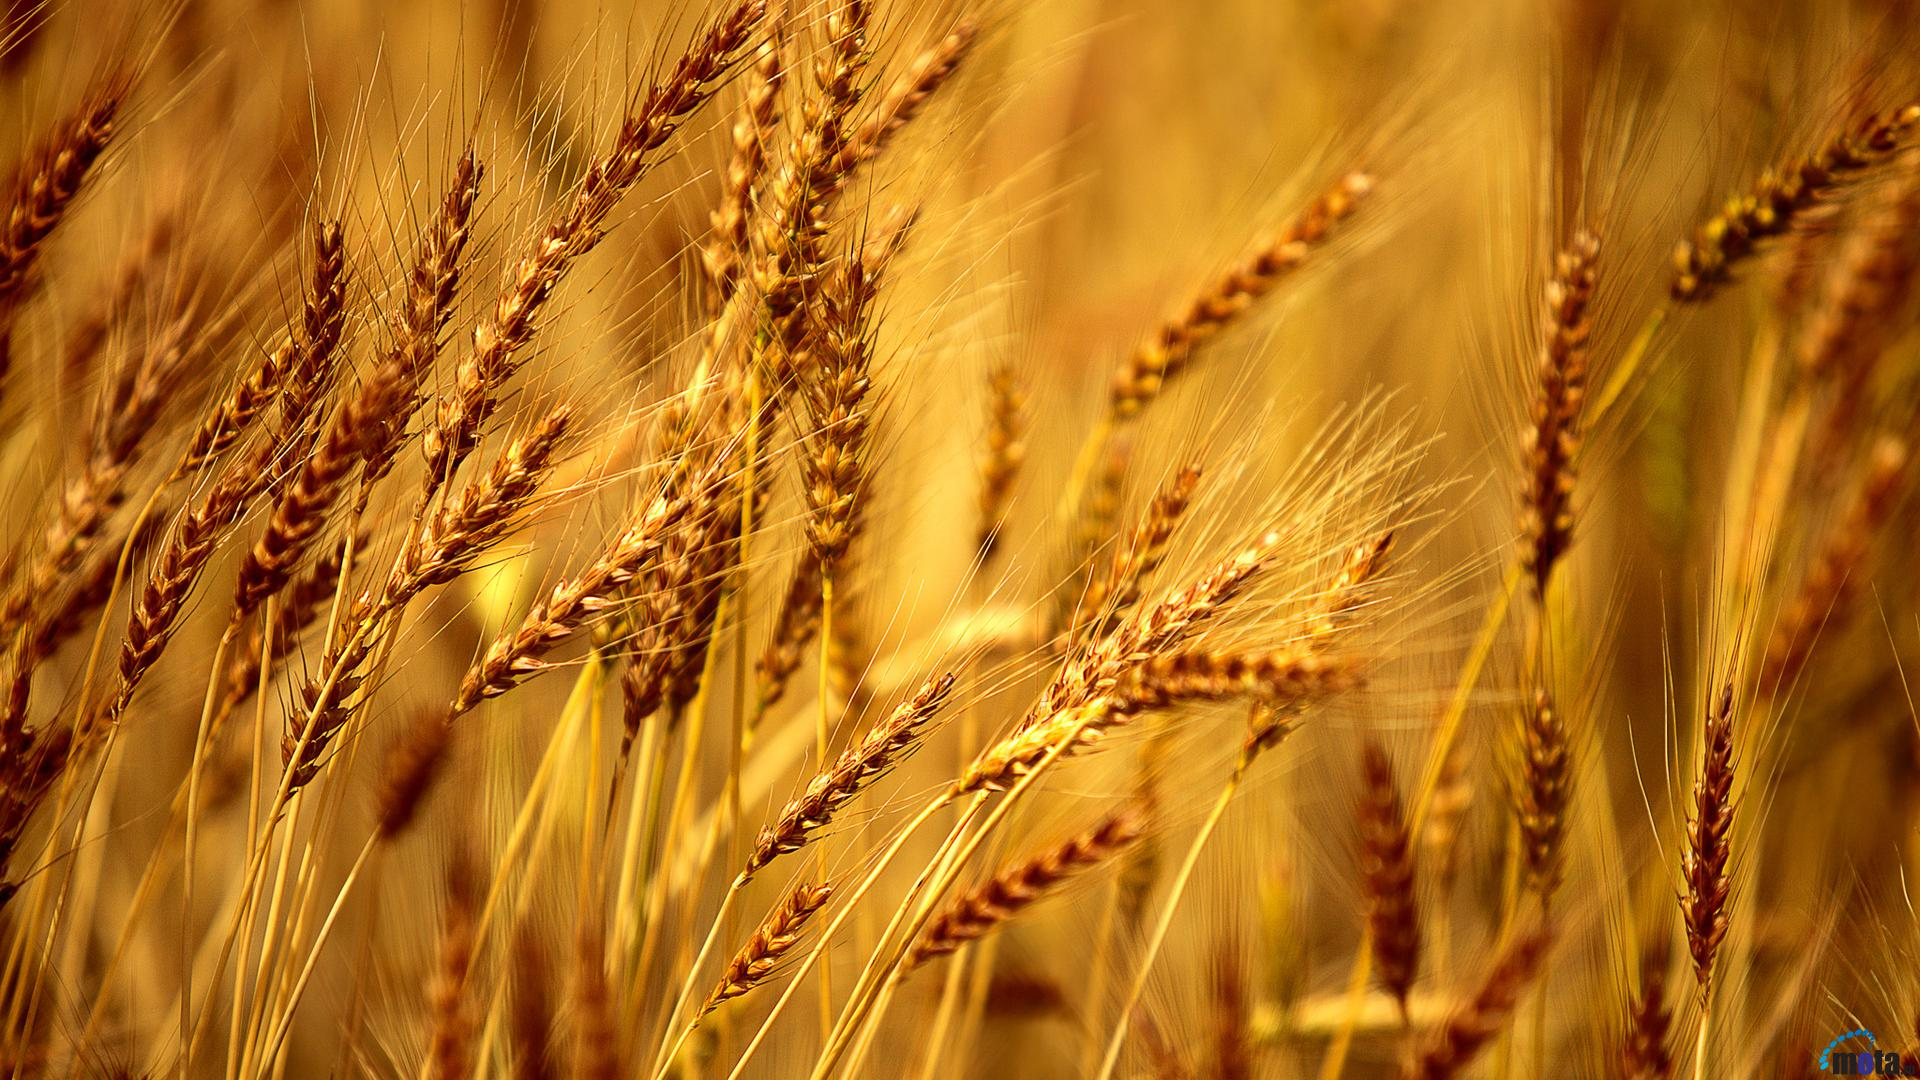 Desktop wallpapers Ears of barley.